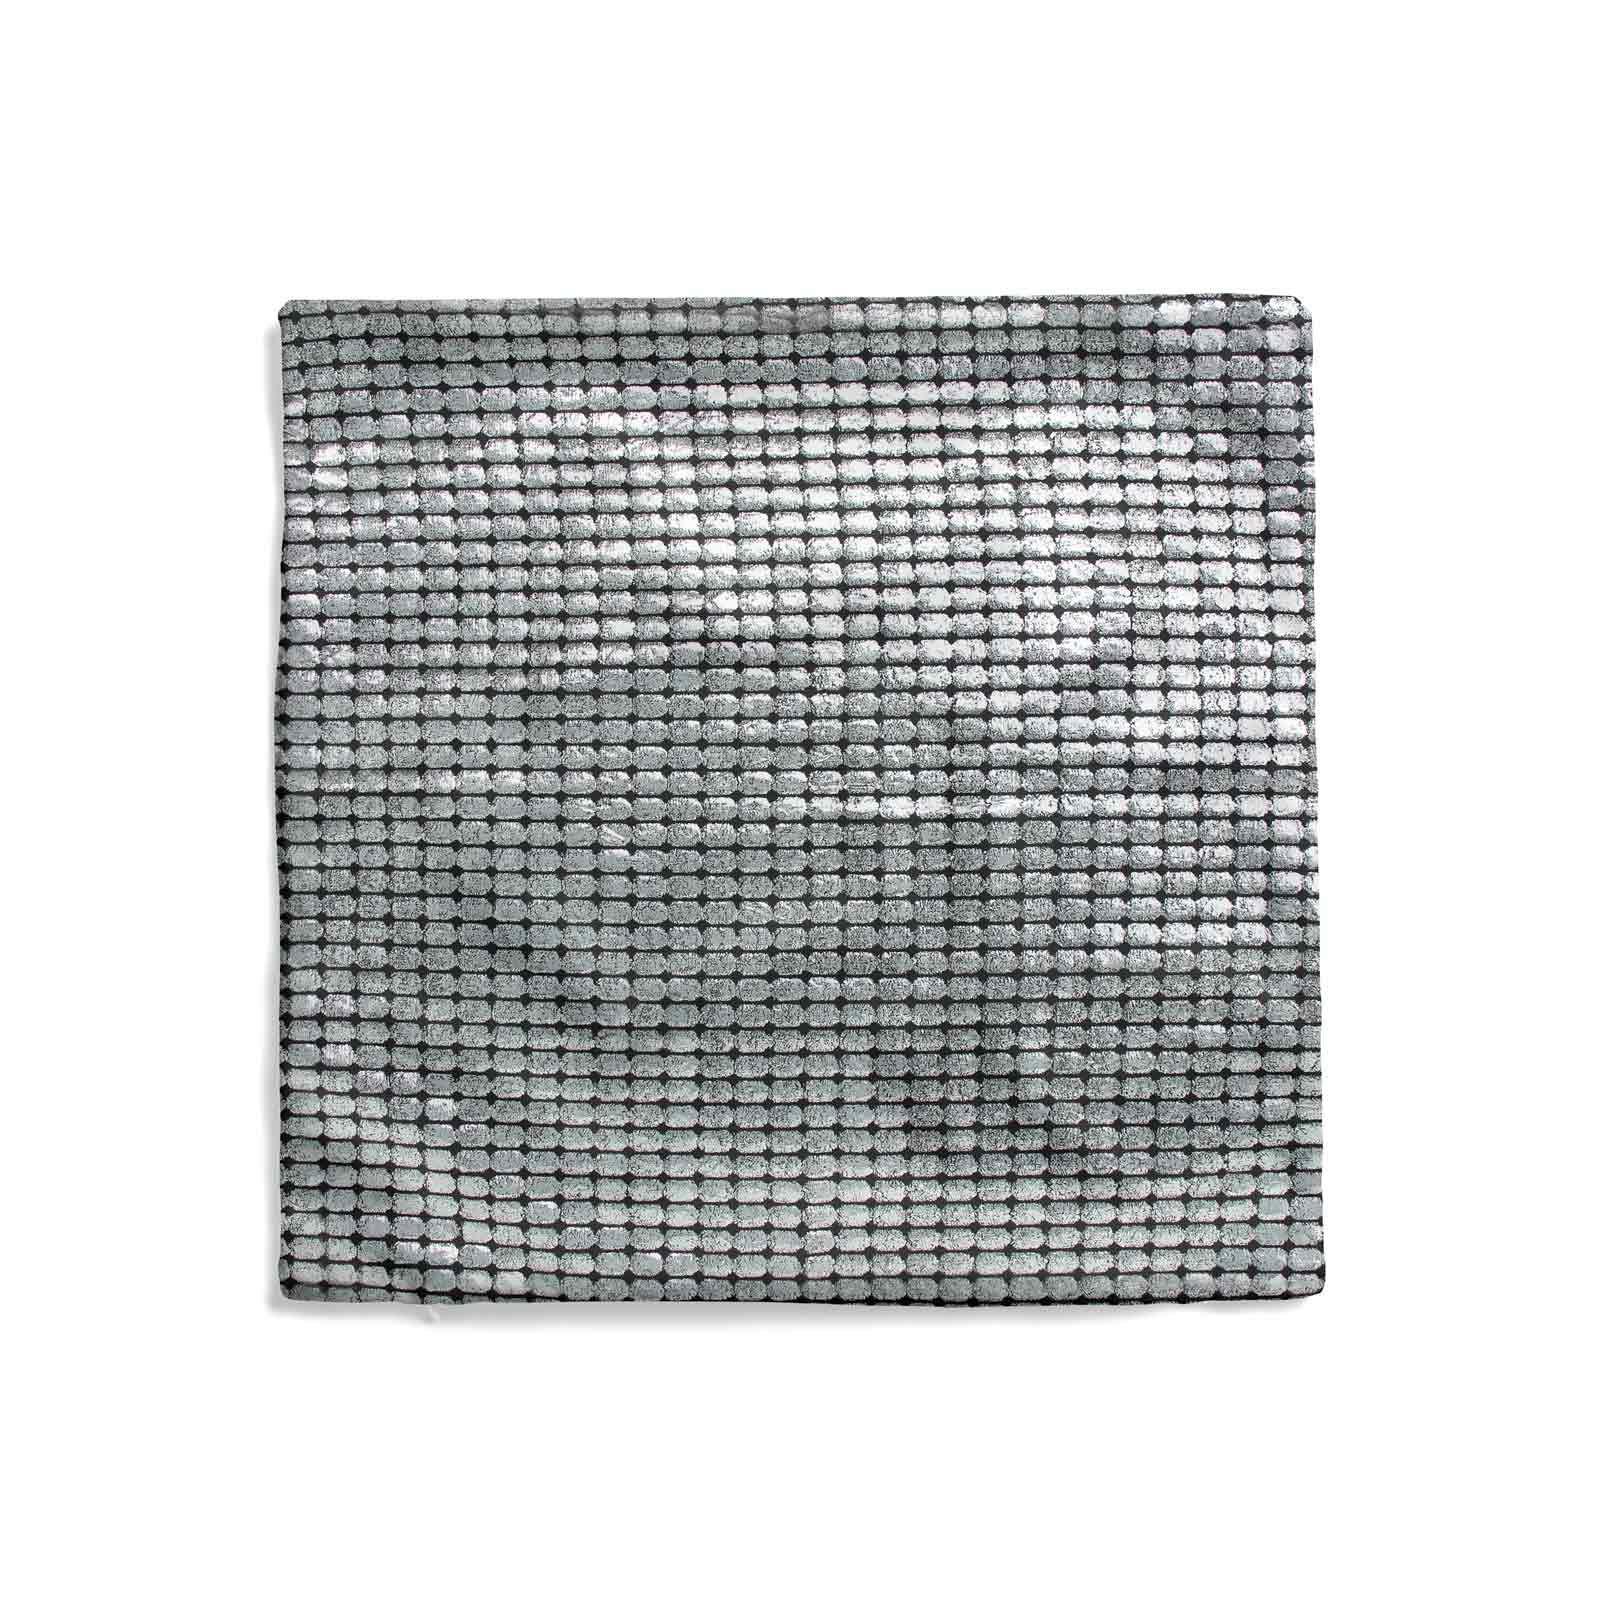 Impresion-de-lamina-metalica-Moderno-Funda-De-Cojin-Almohadon-cubiertas-de-cojines-18-034-X-18-034 miniatura 22